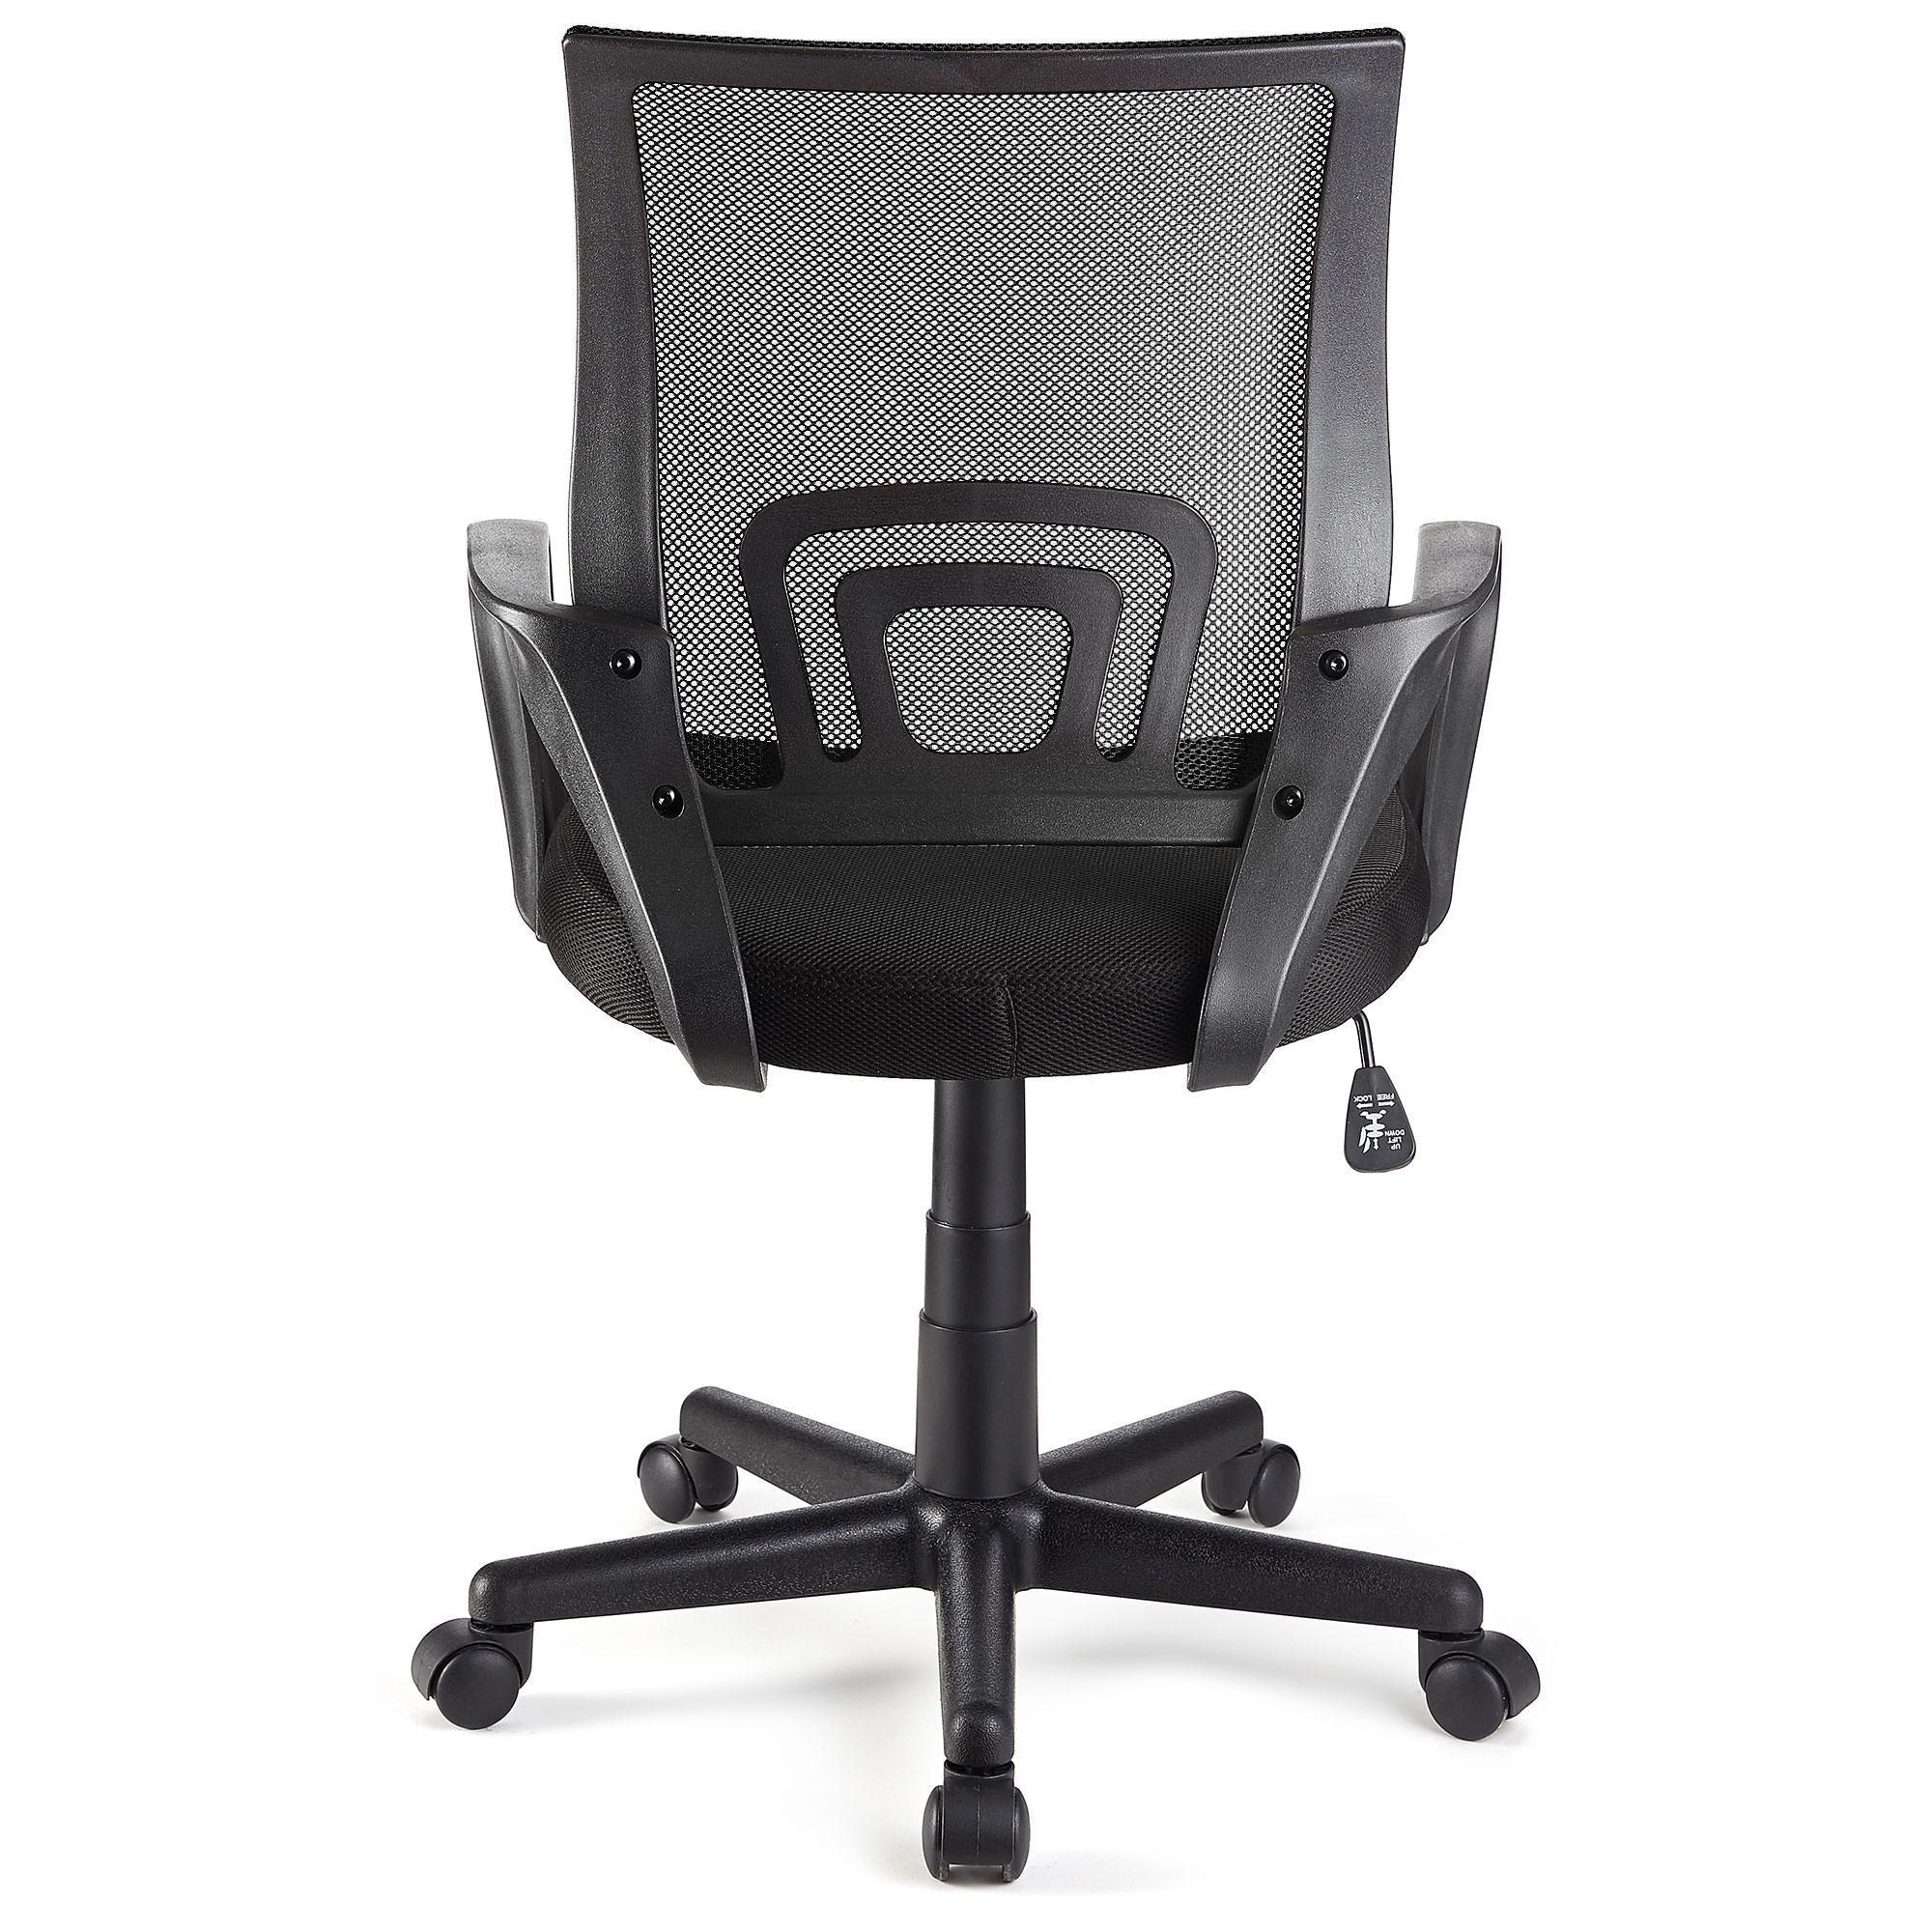 Silla de oficina seul con asiento acolchado en negro for Silla oficina diseno